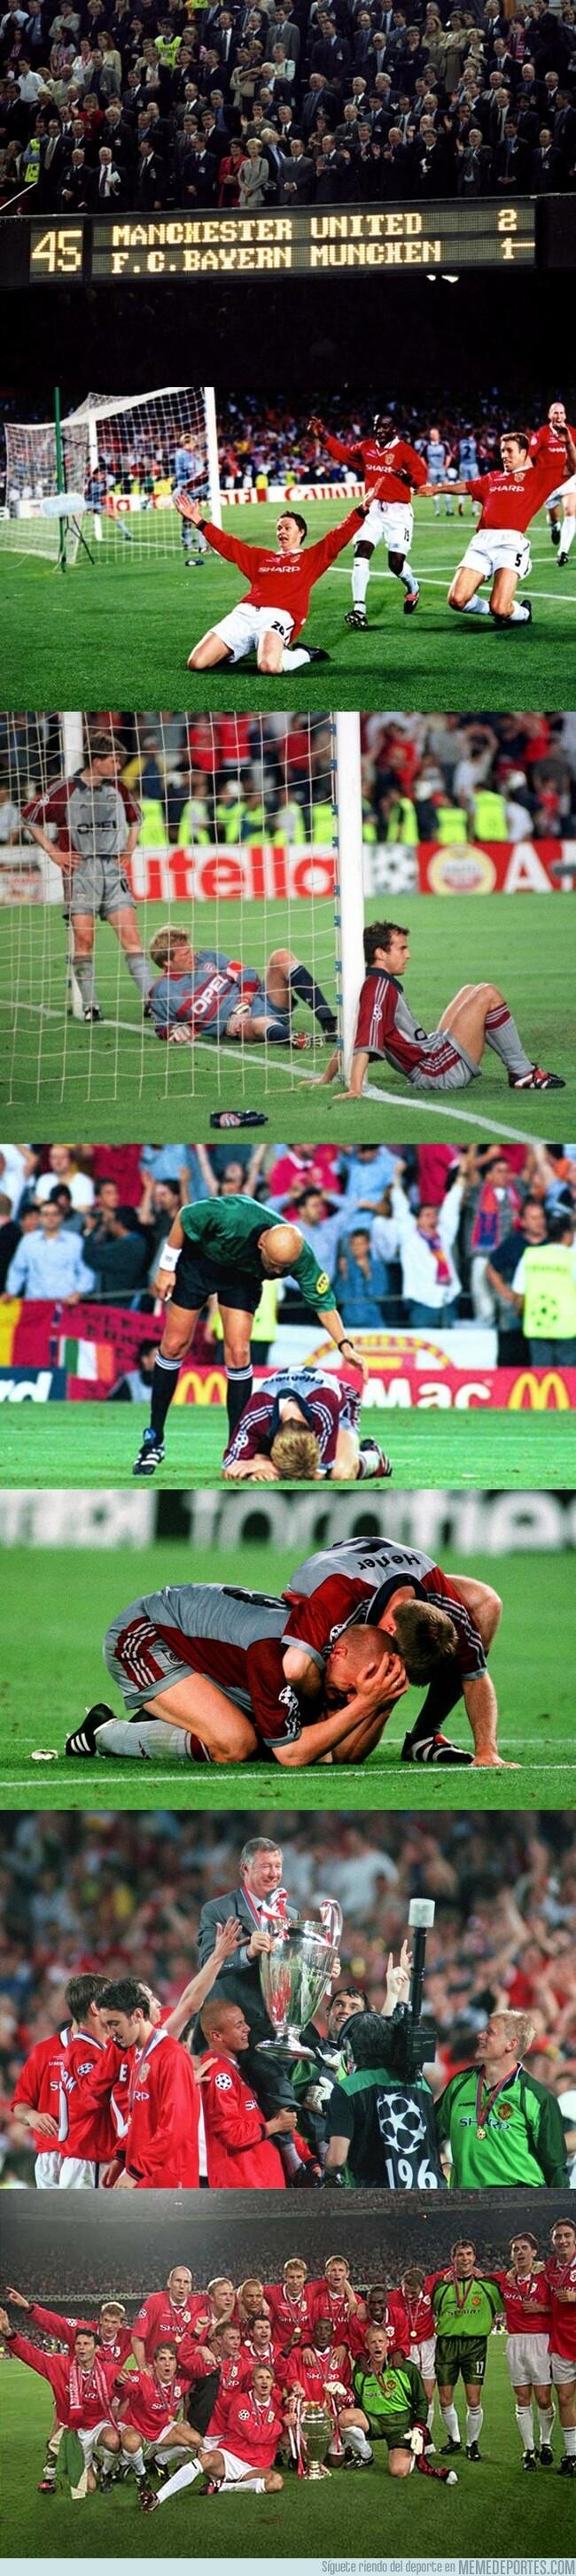 1076193 - Hoy se cumplen 20 años de una de las mejores finales en la historia del fútbol.